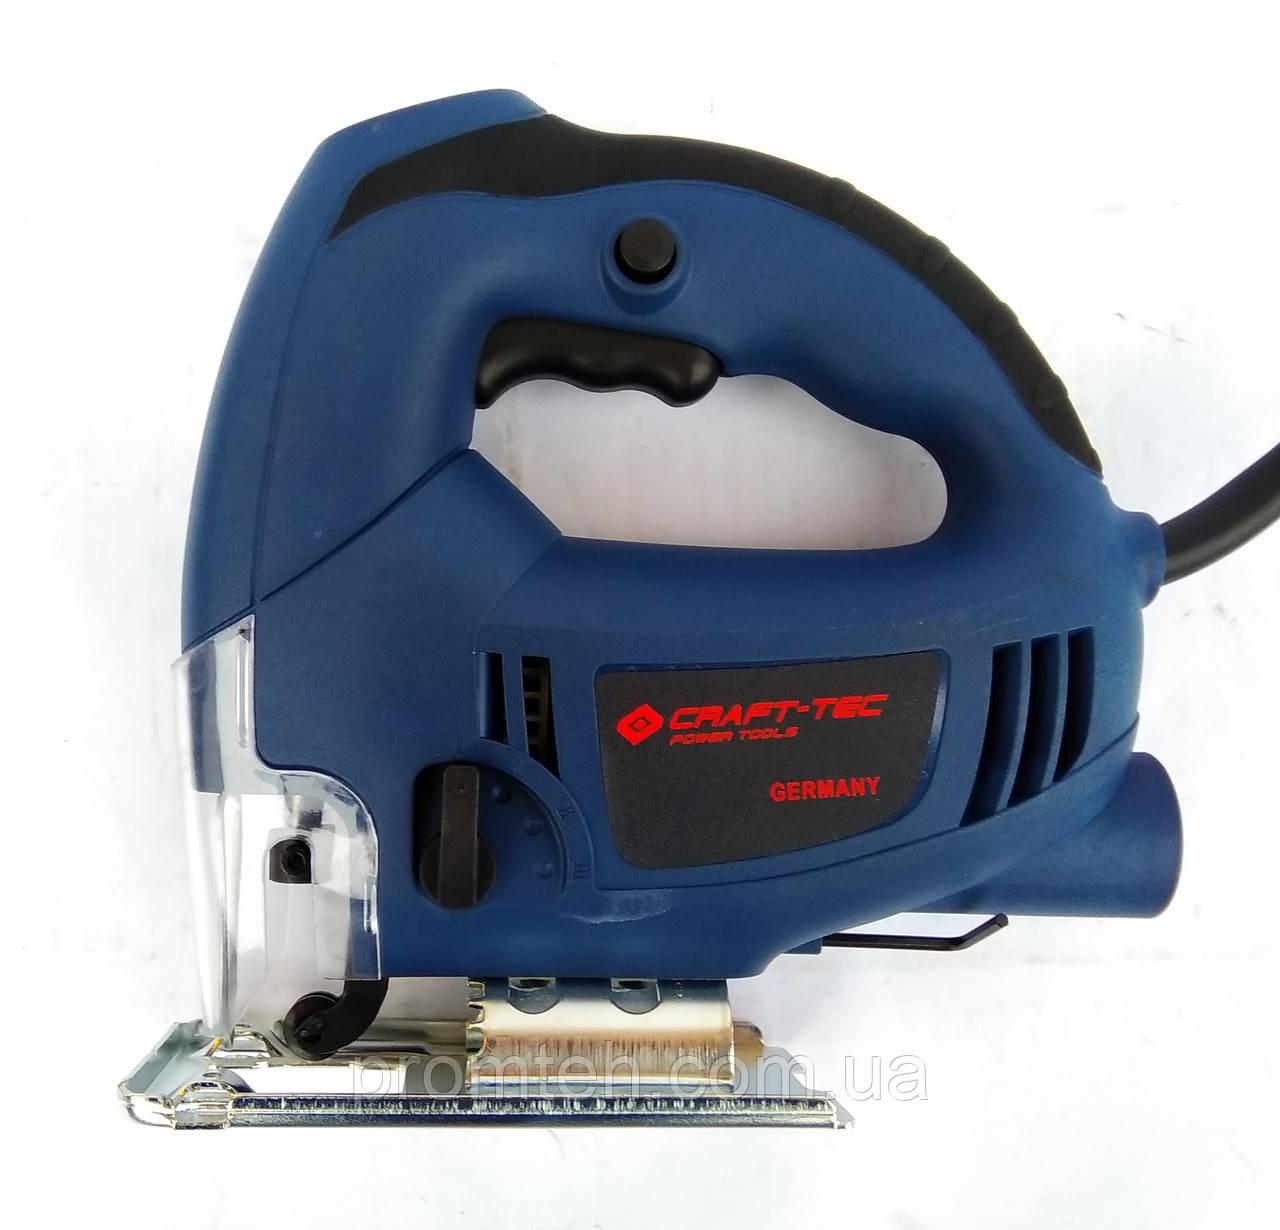 Лобзик Craft-tec PXGS222 (750 Вт)